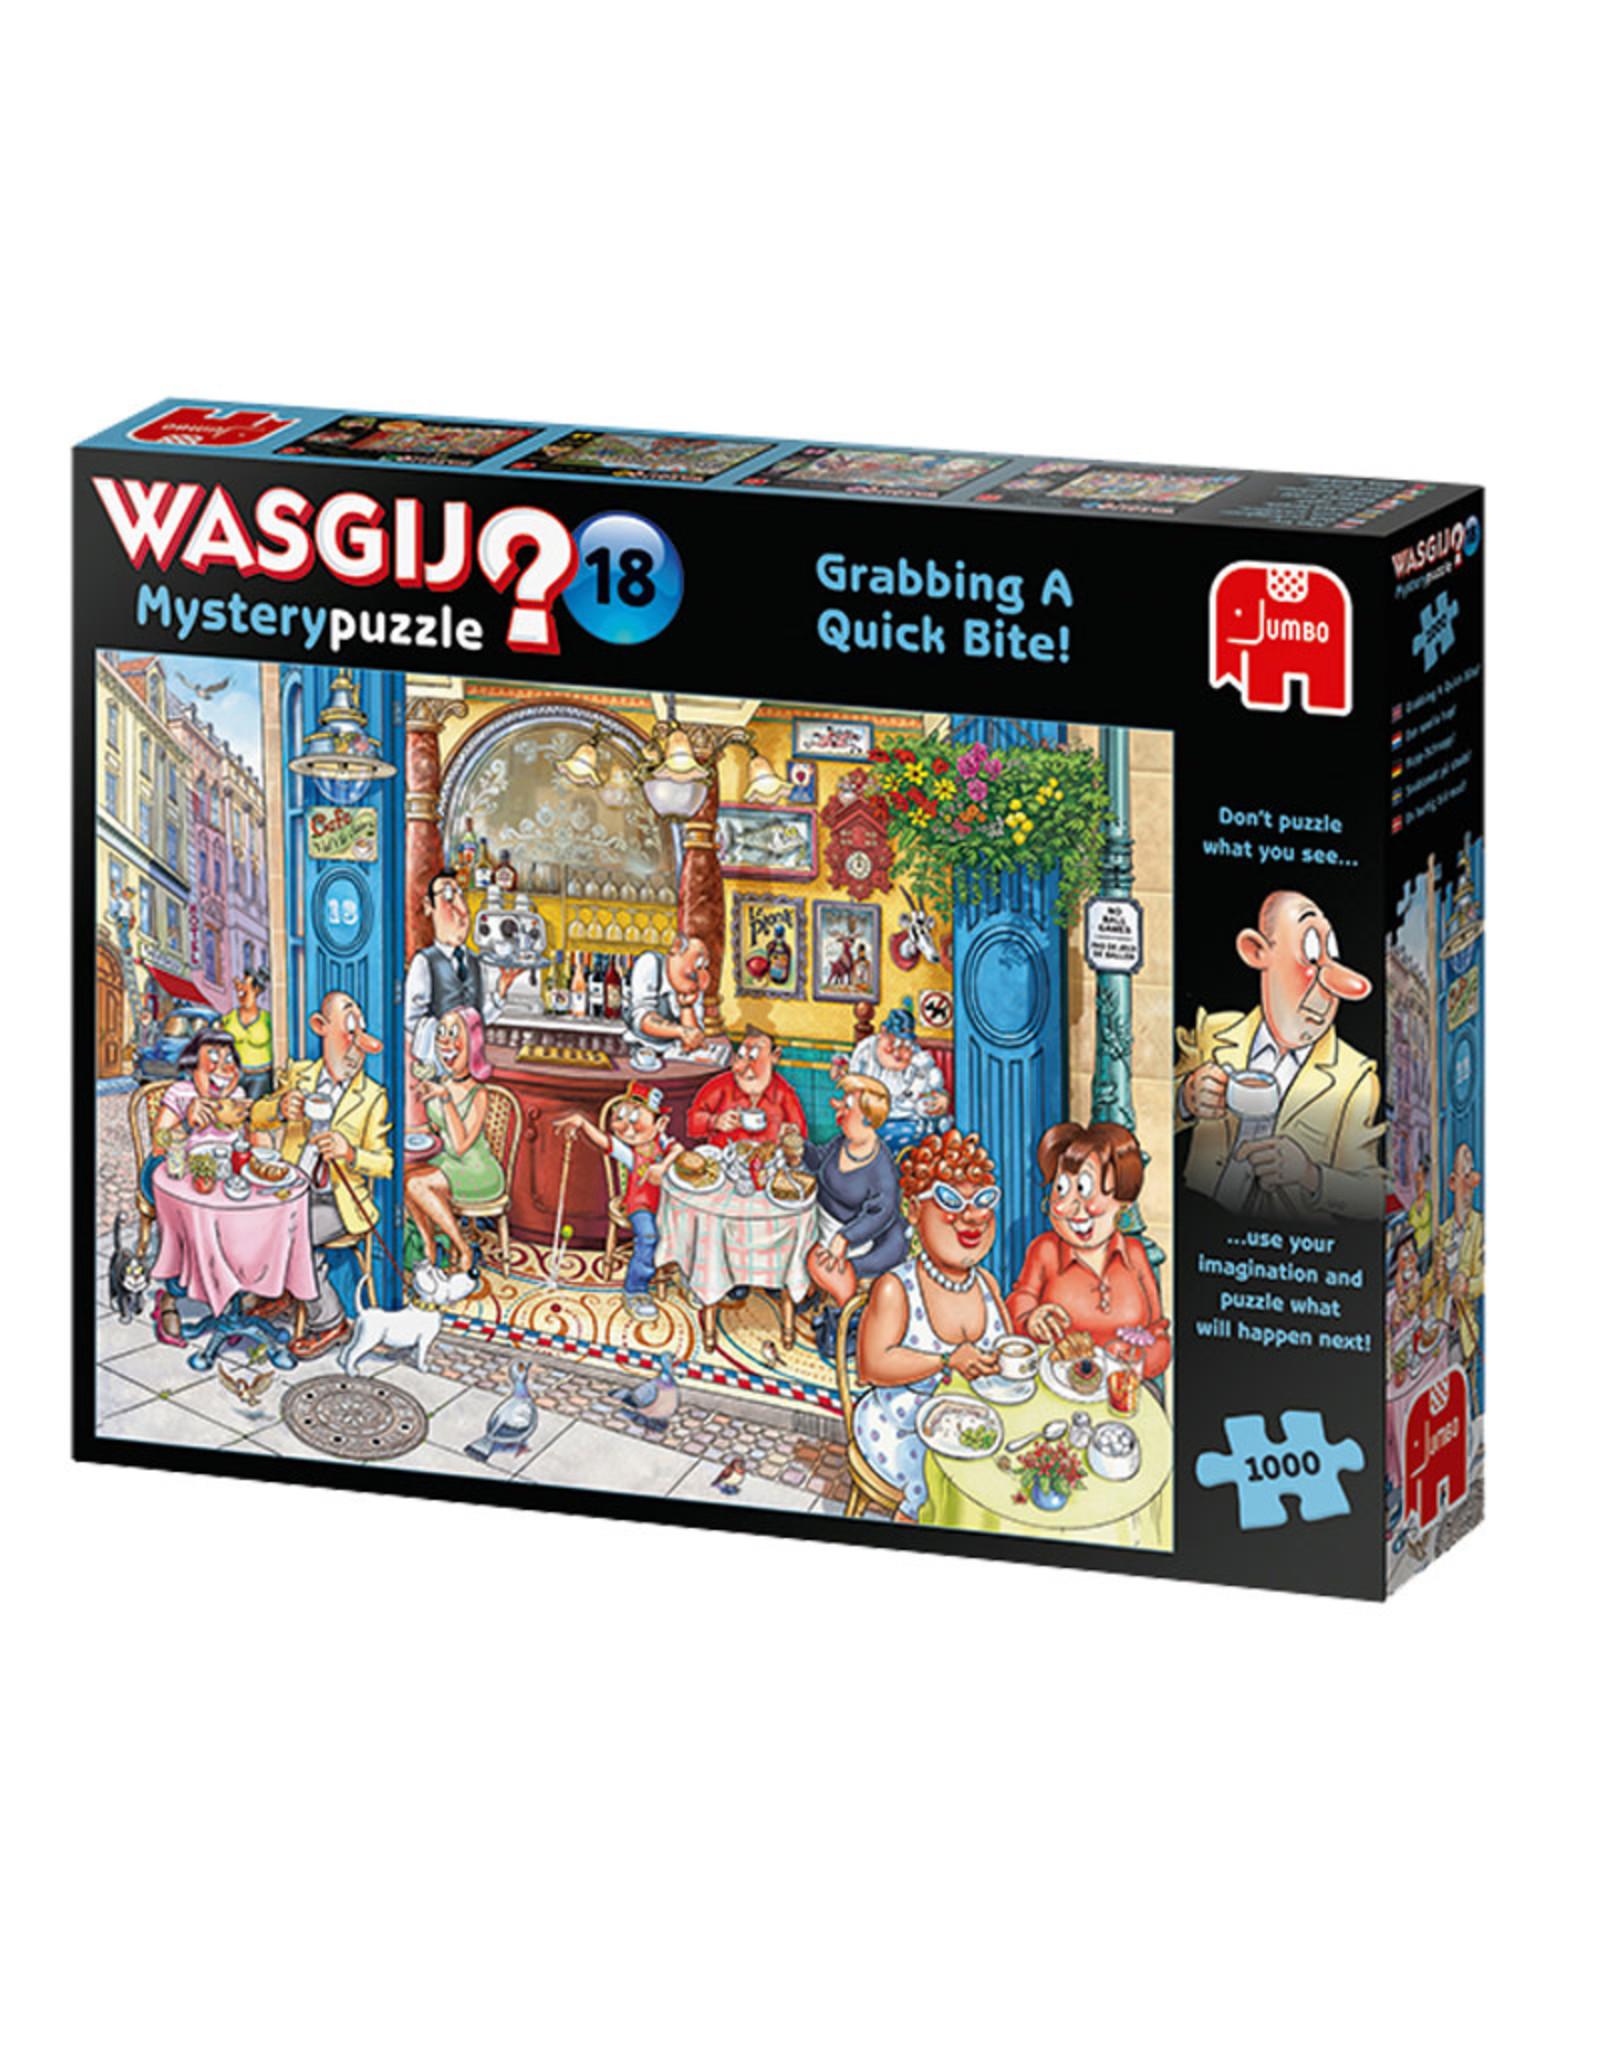 Wasgij? 18 ( Puzzle 1000 pcs ) Grabbing a Quick Bite !